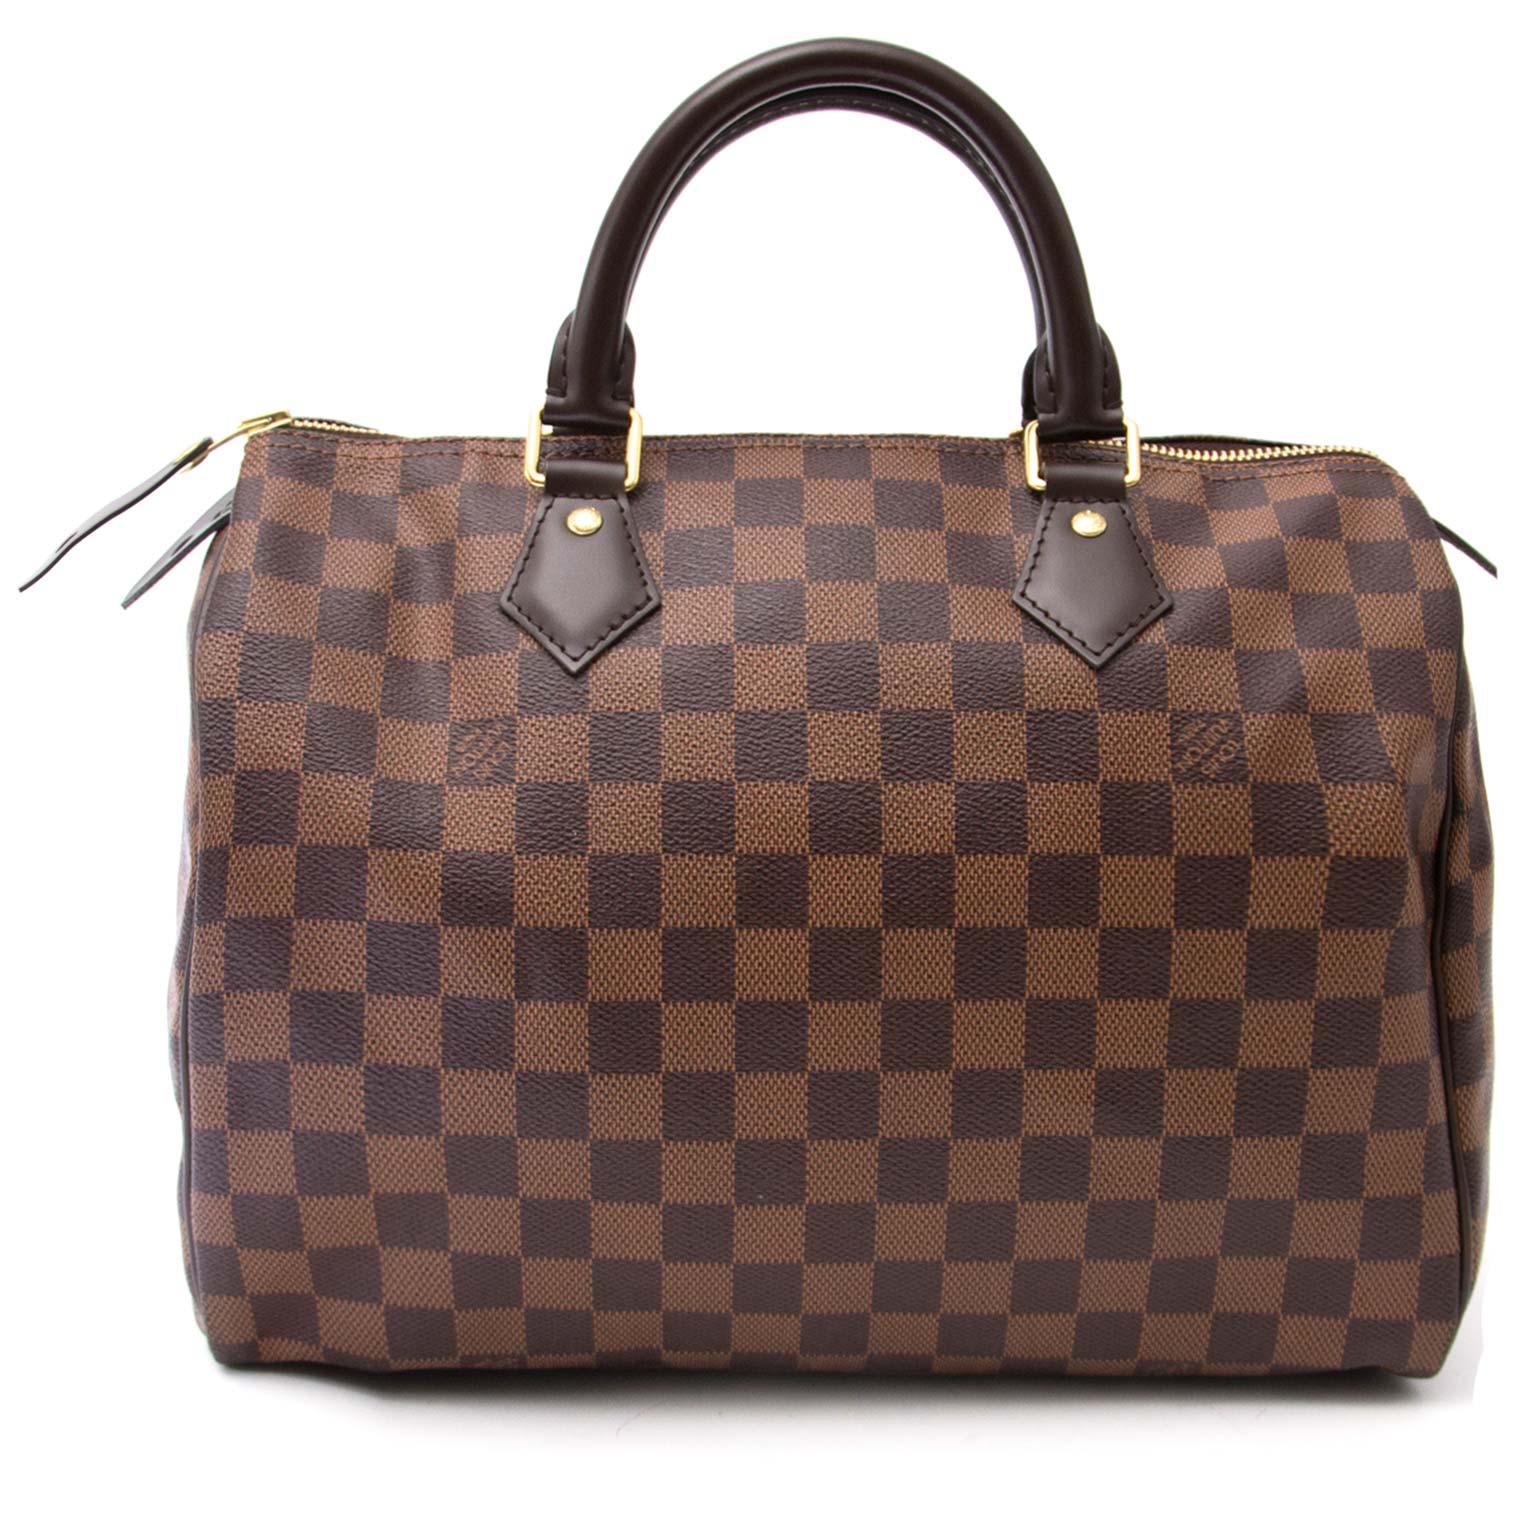 ... the best price online Koop en verkoop uw authentieke Louis Vuitton  Speedy 30 Damier Ebene fbdbae6dbf6